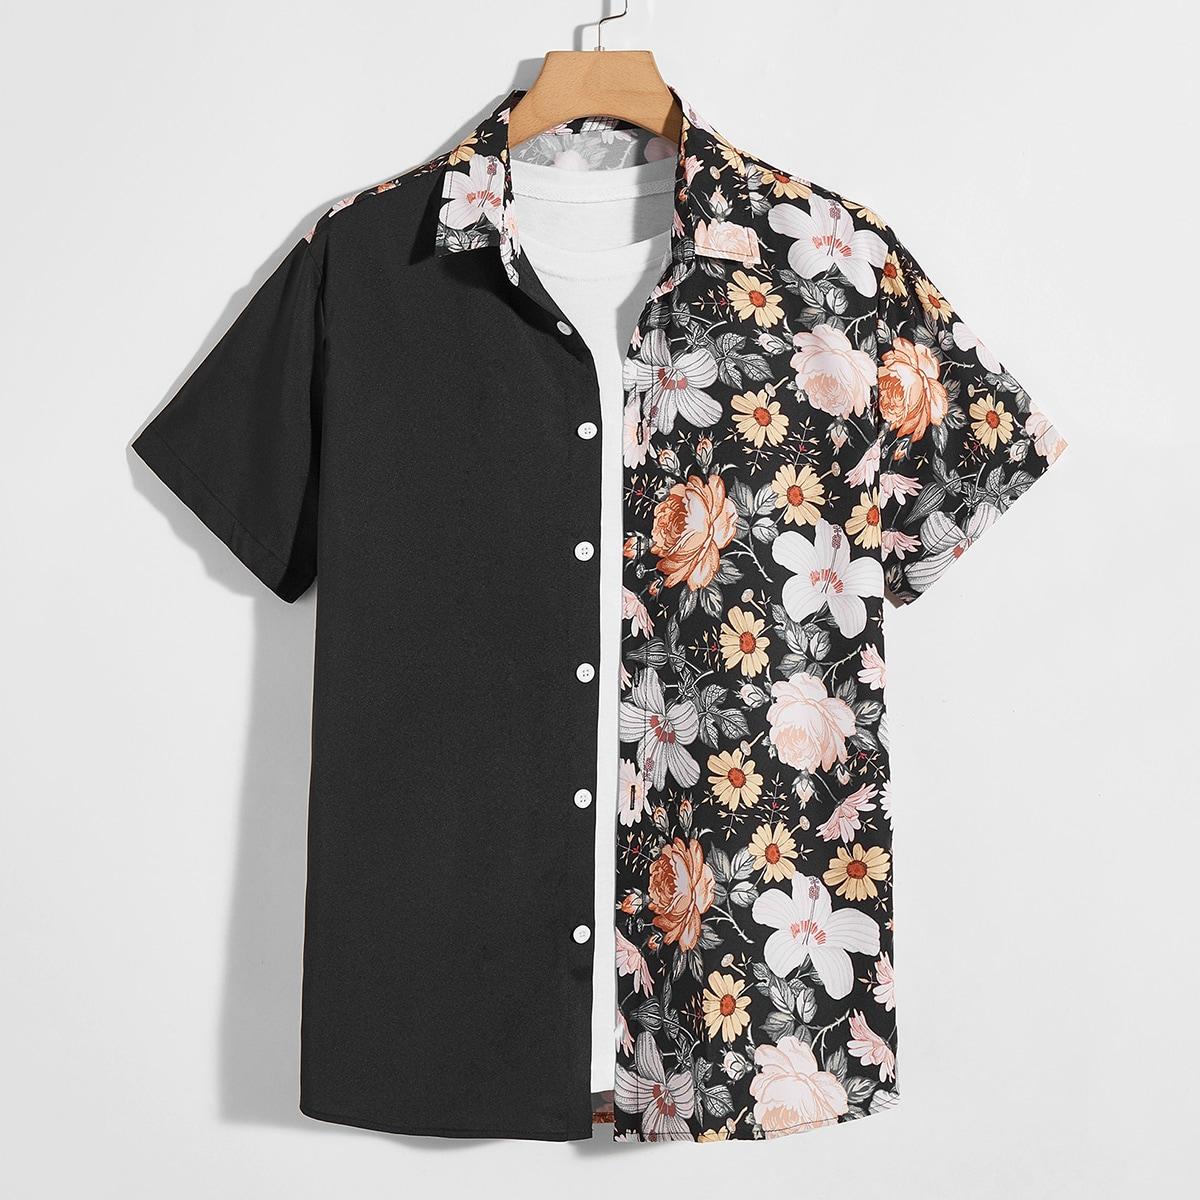 Мужской Рубашка с цветочным рисунком контрастный без футболки